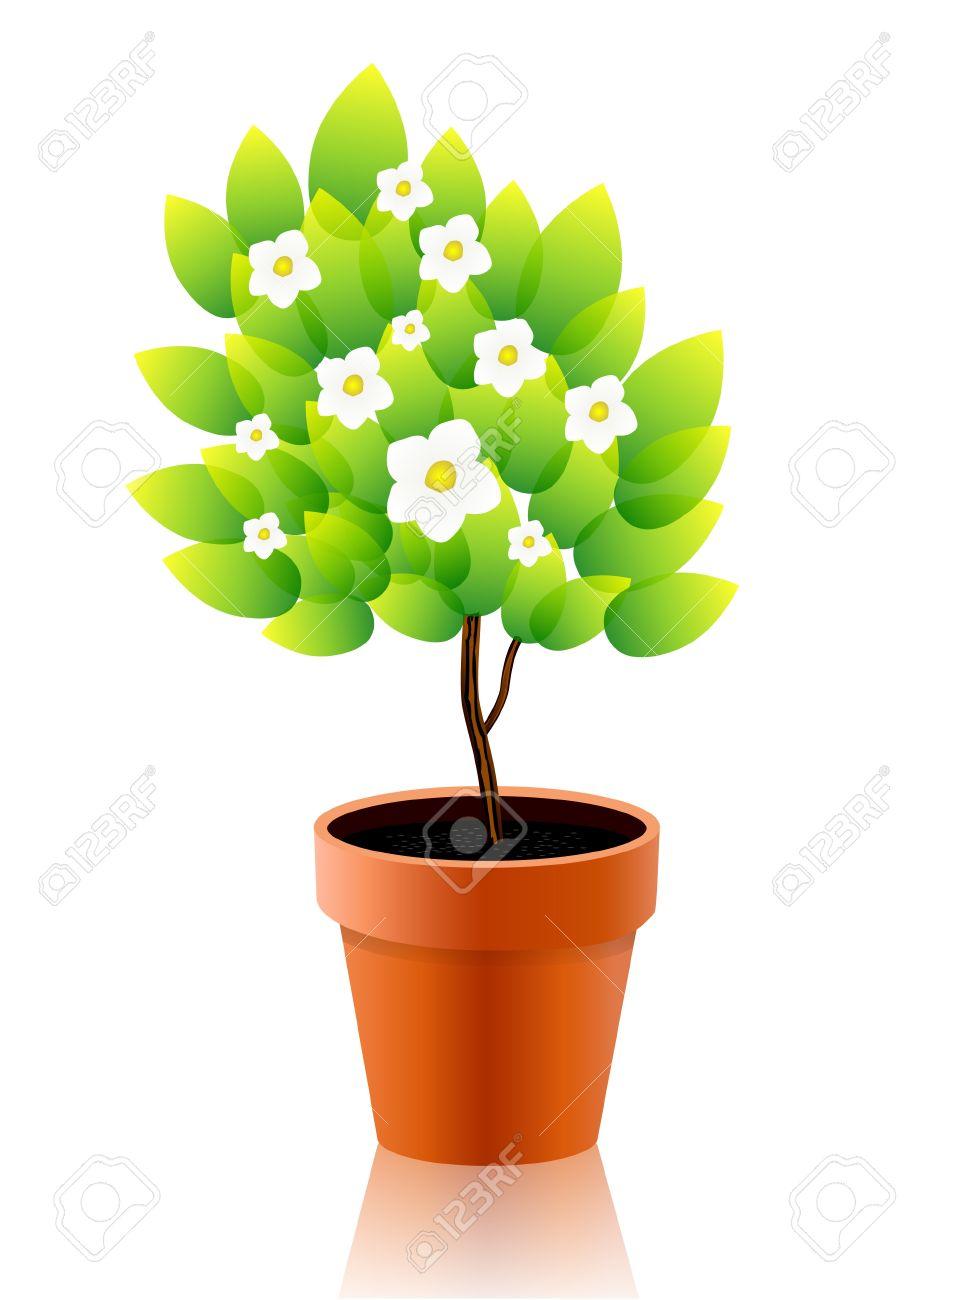 975x1300 Pot Plant Clipart Flower Growing